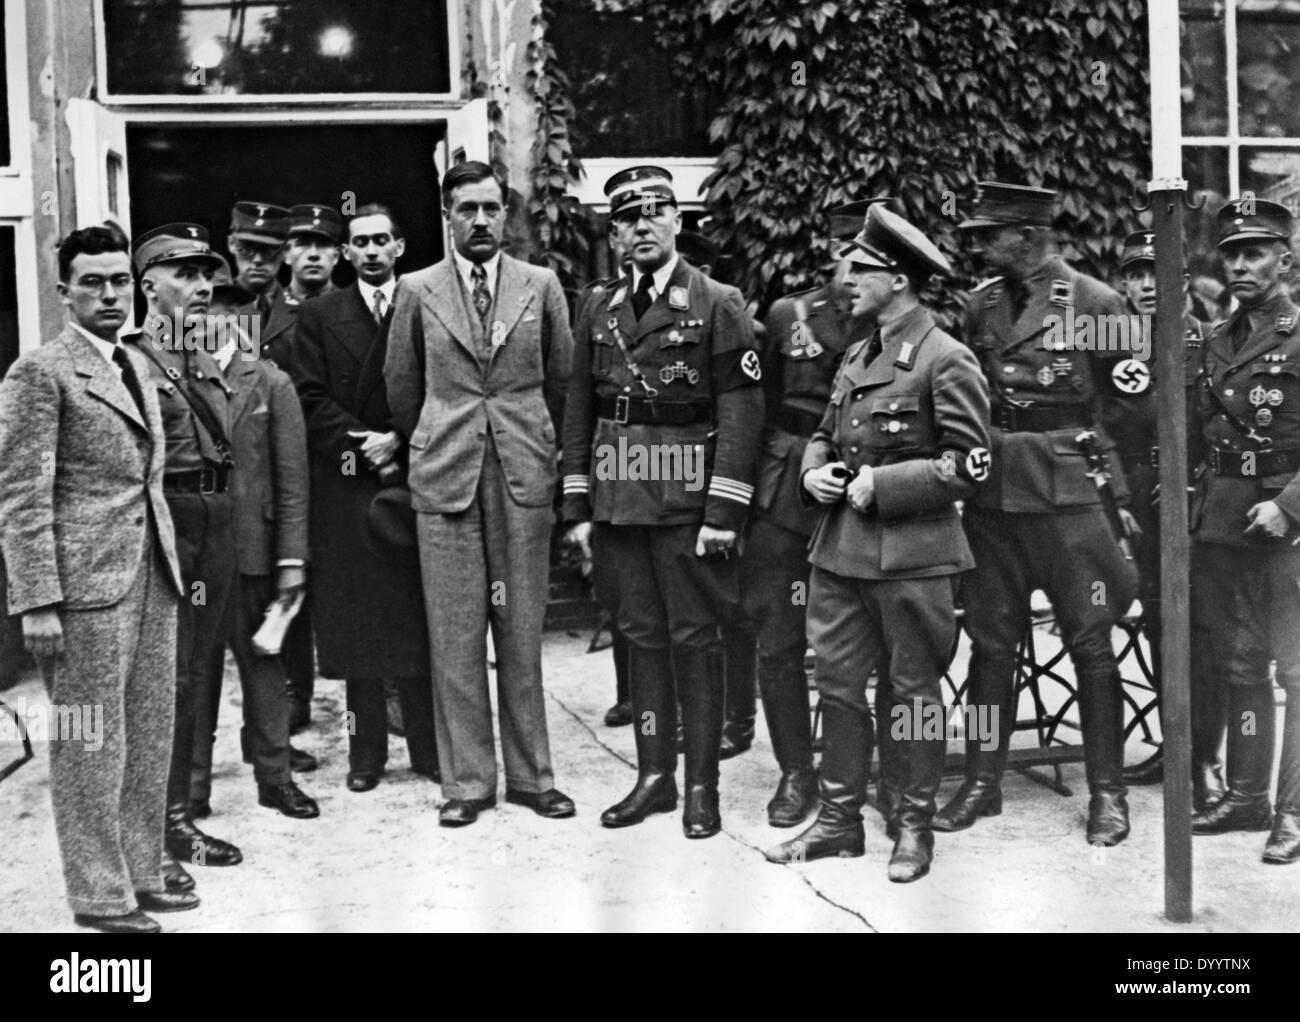 Polish jurist leaders, 1935 - Stock Image